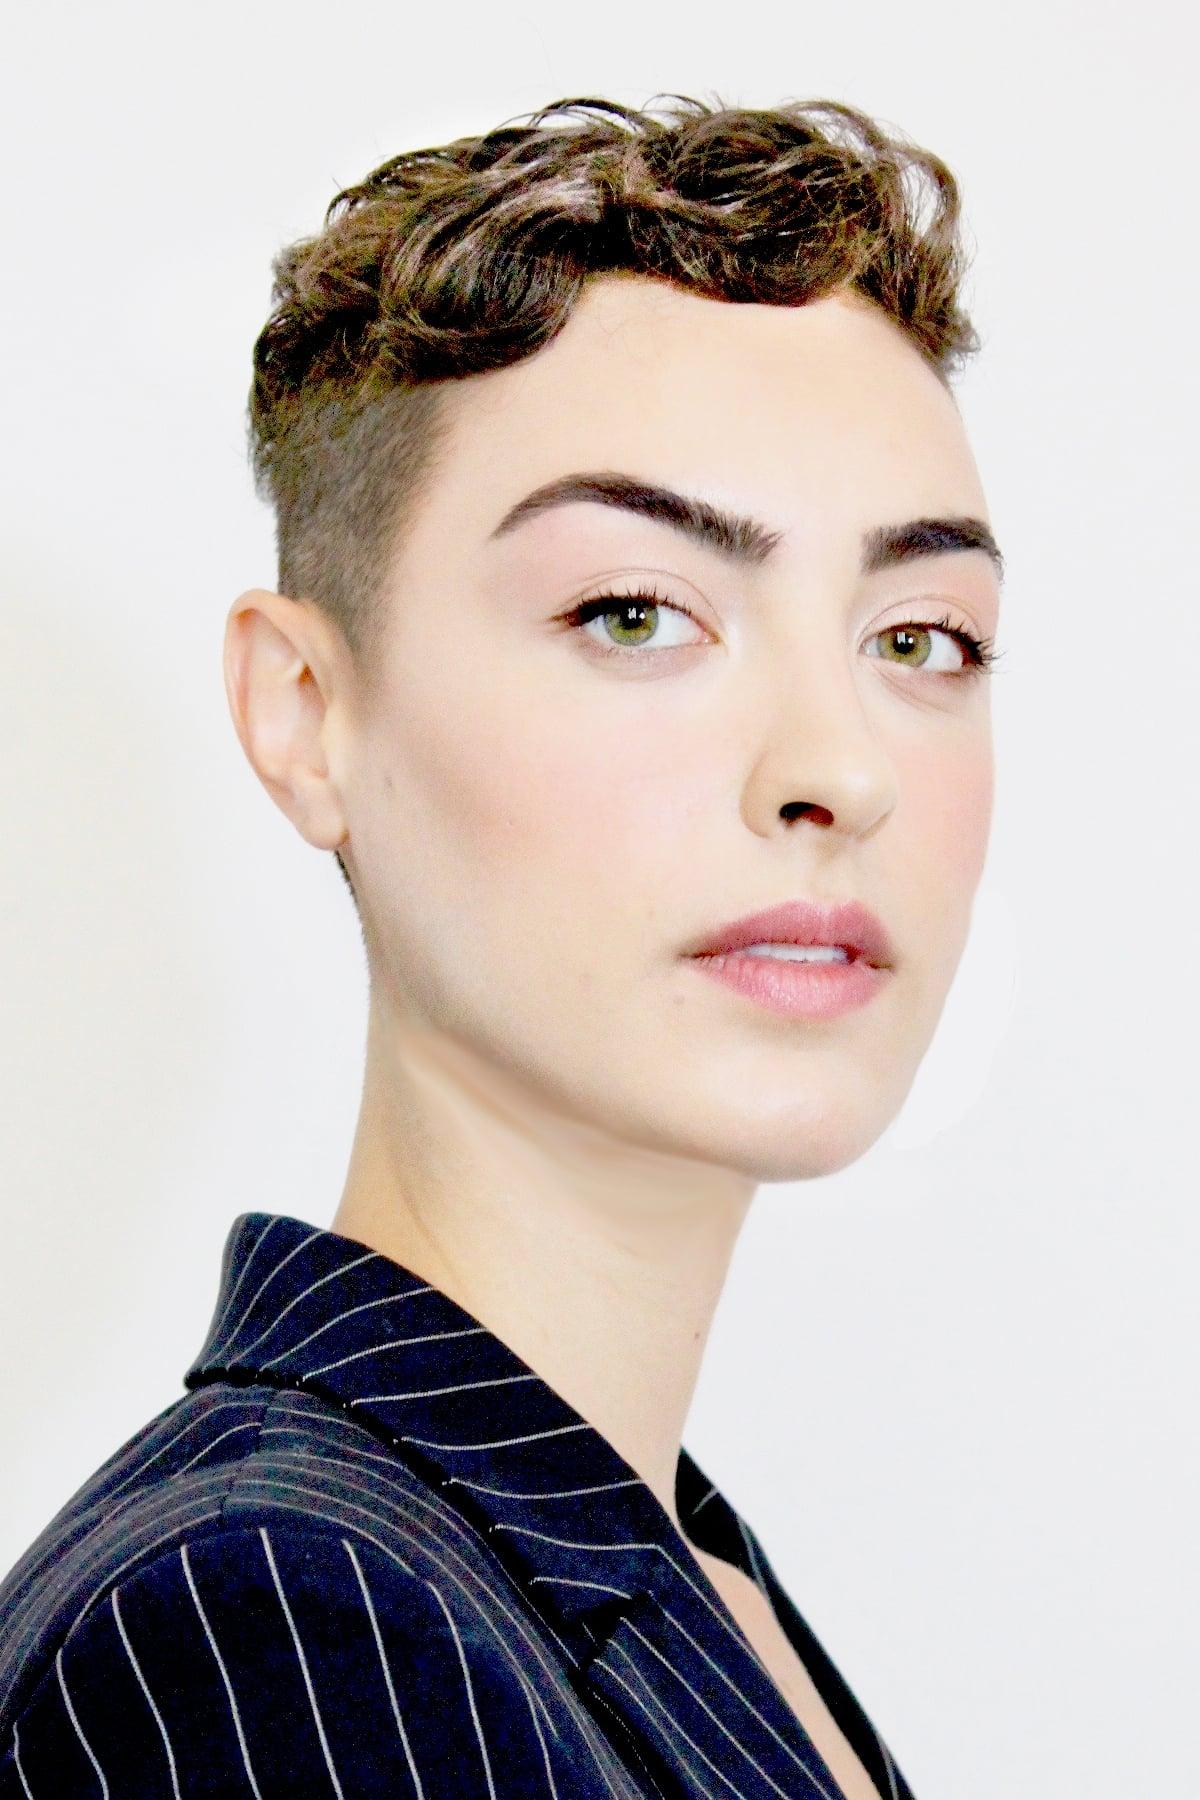 Natalie Liconti